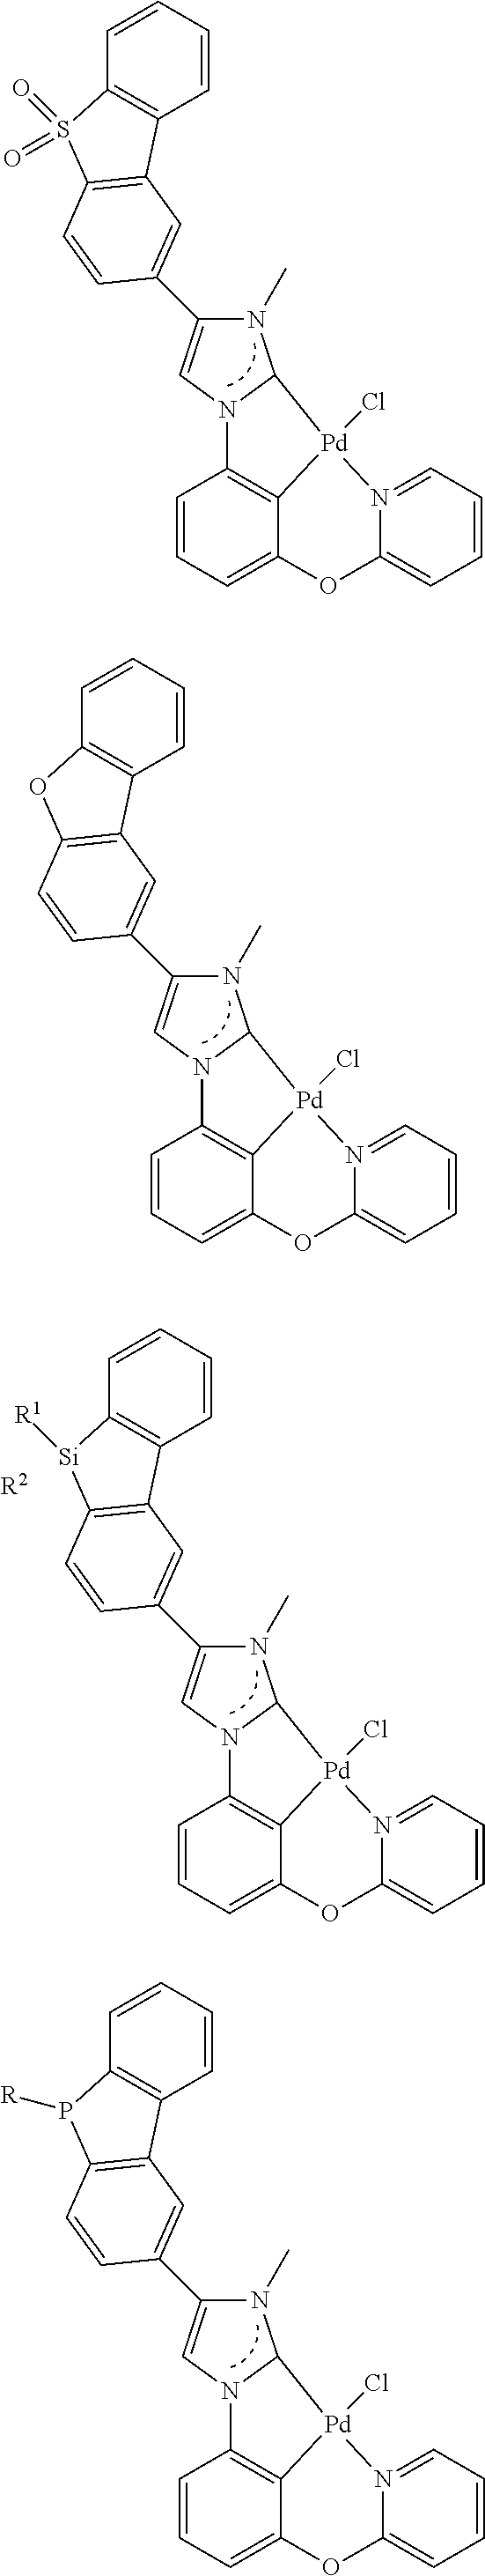 Figure US09818959-20171114-C00186